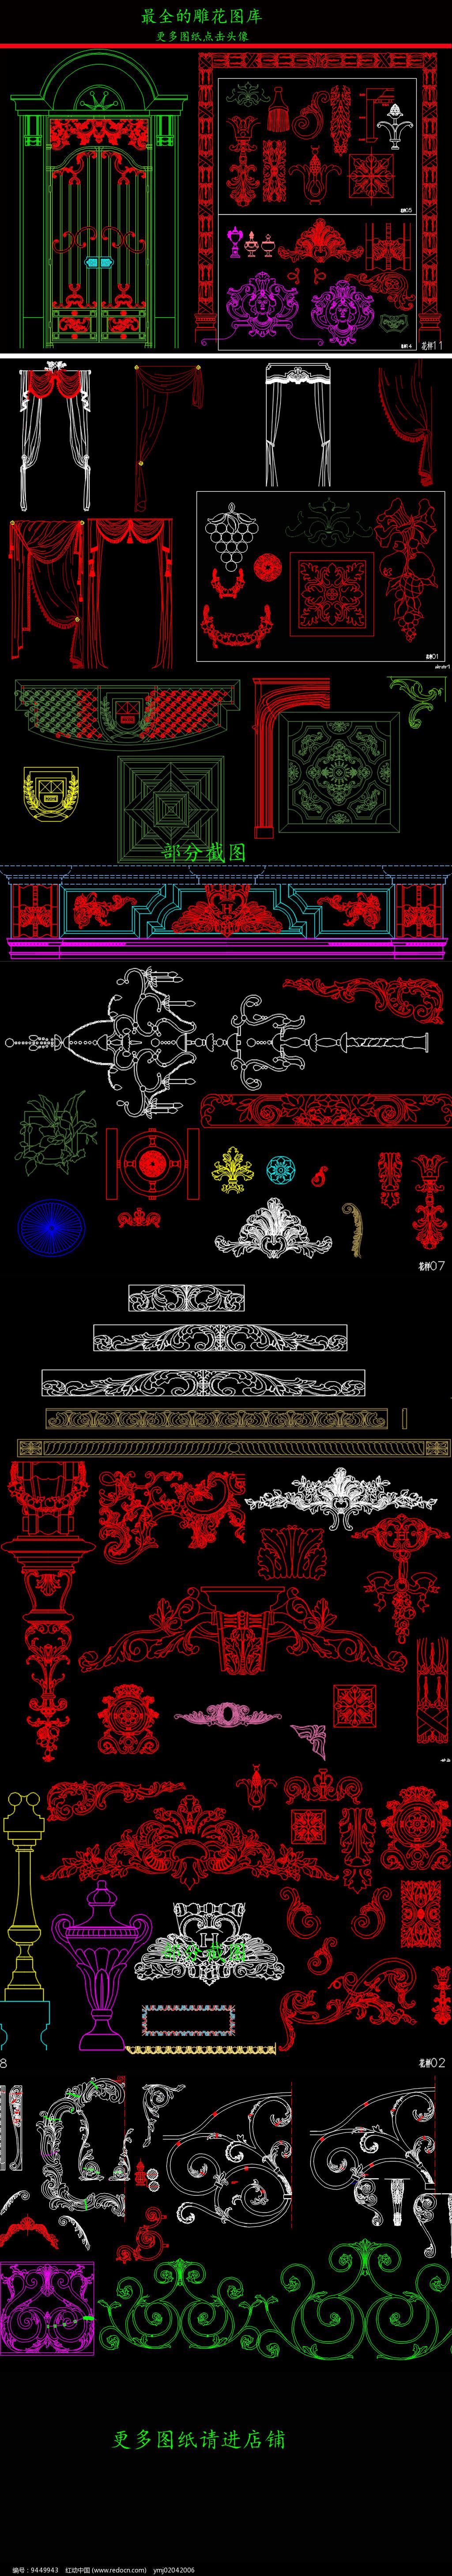 雕花CAD图库图片